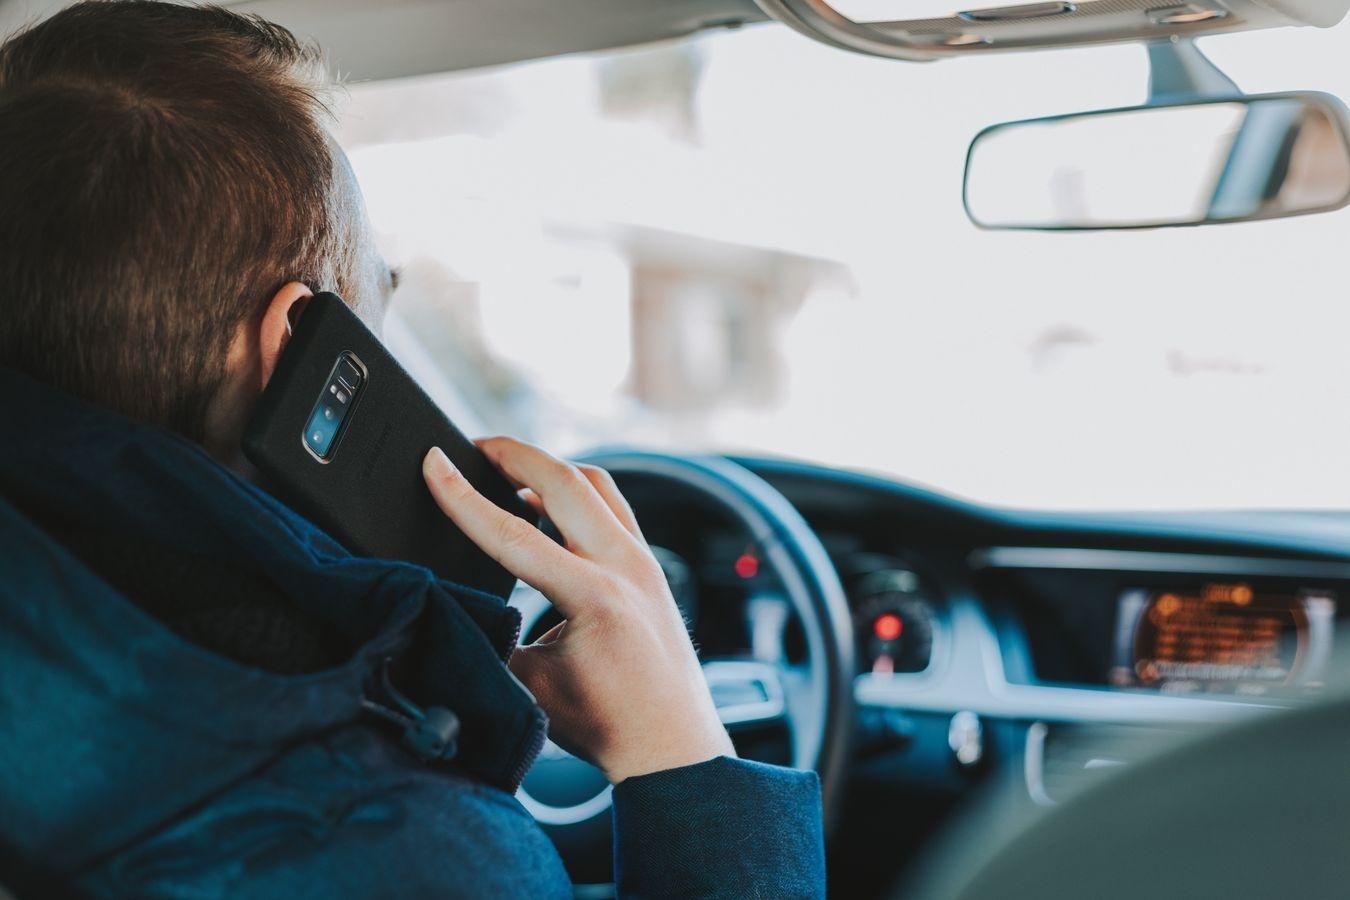 Nors ir pripažįsta problemą, įpročio naudotis telefonu prie vairo lietuviai neatsisako